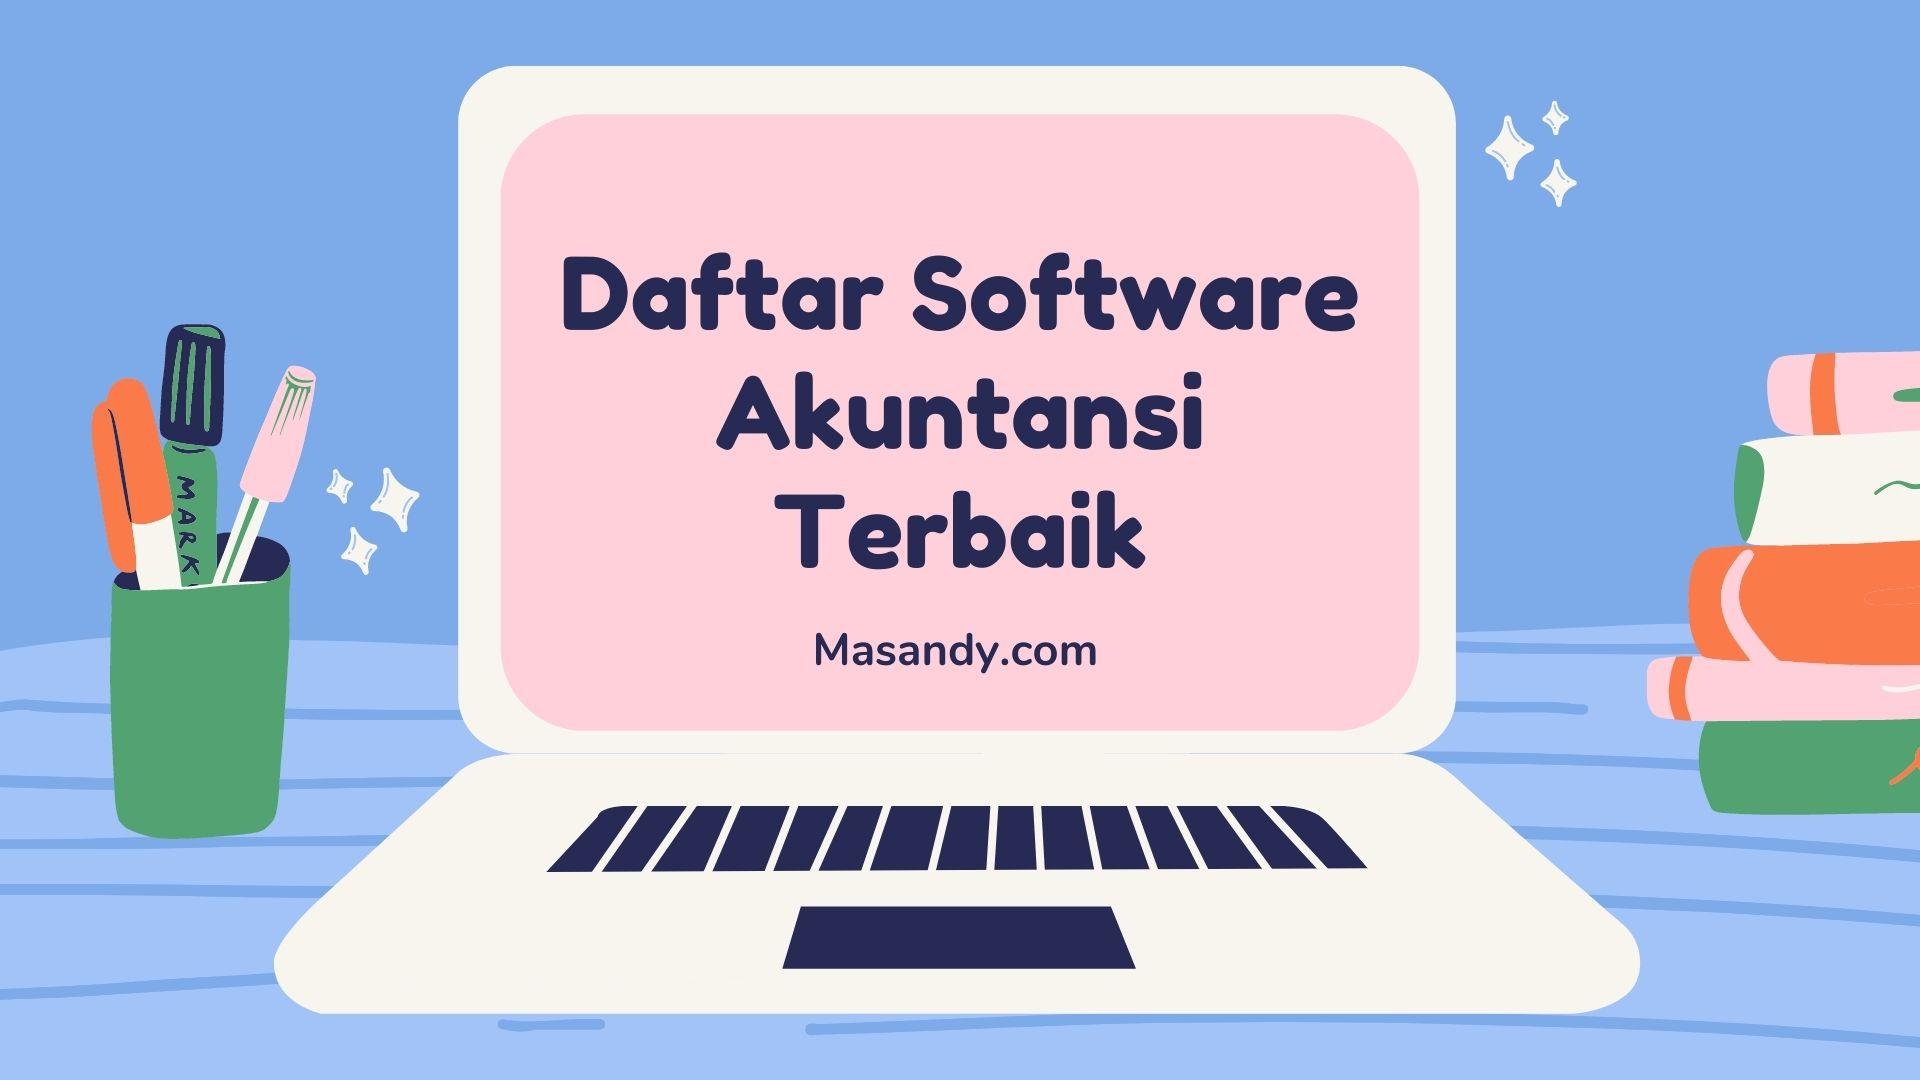 Daftar Software Akuntansi Terbaik